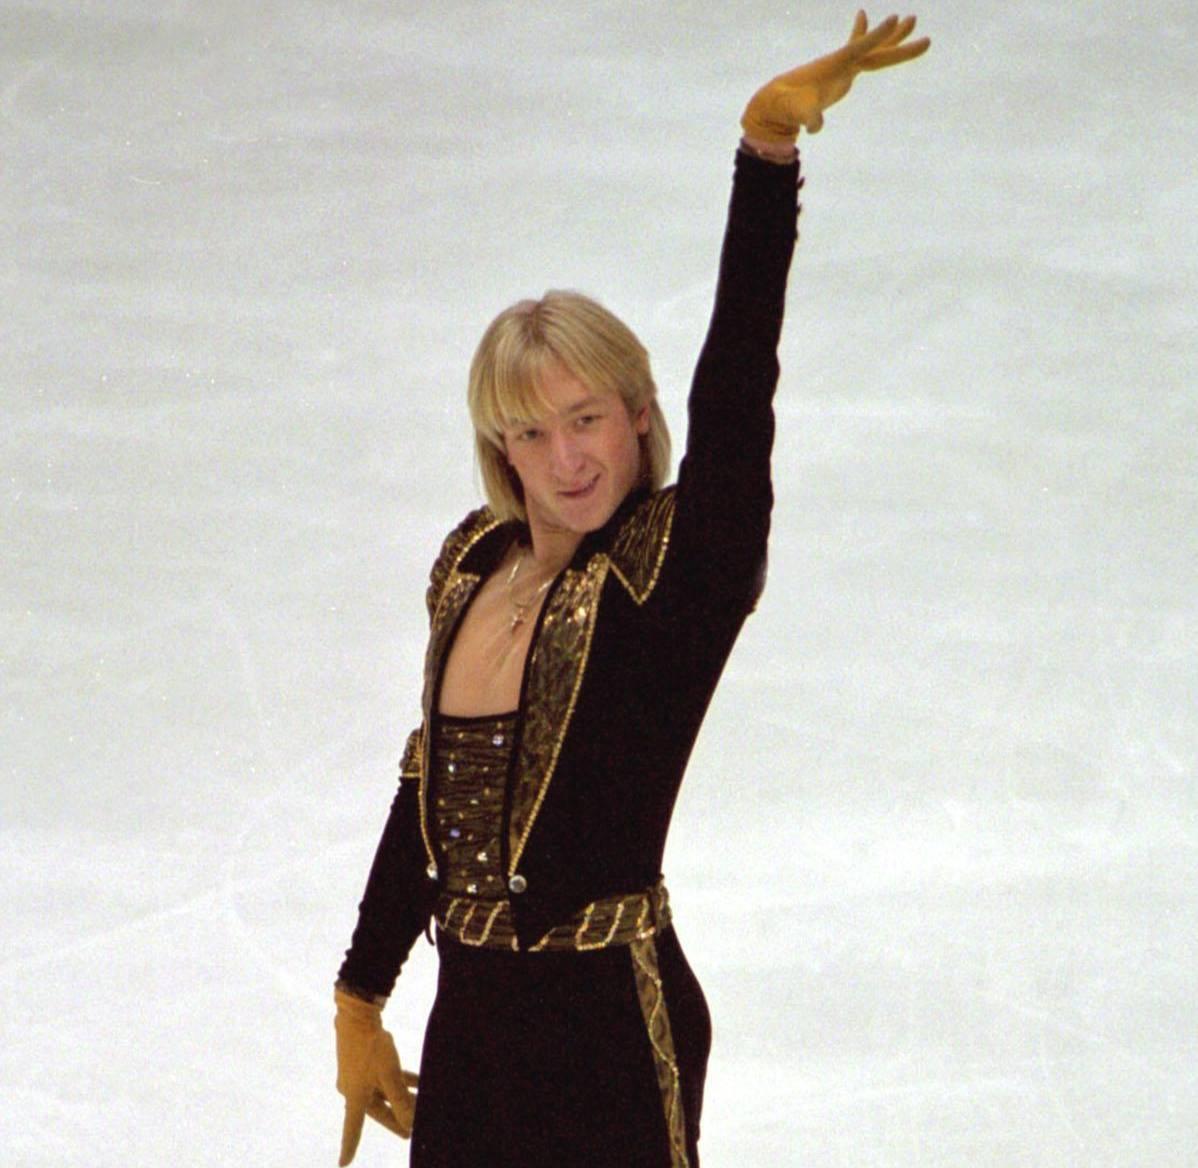 Евгений Плющенко за несколько месяцев до Олимпиады-2002.  Фото © ИТАР-ТАСС / Вячеслав Евдокимов